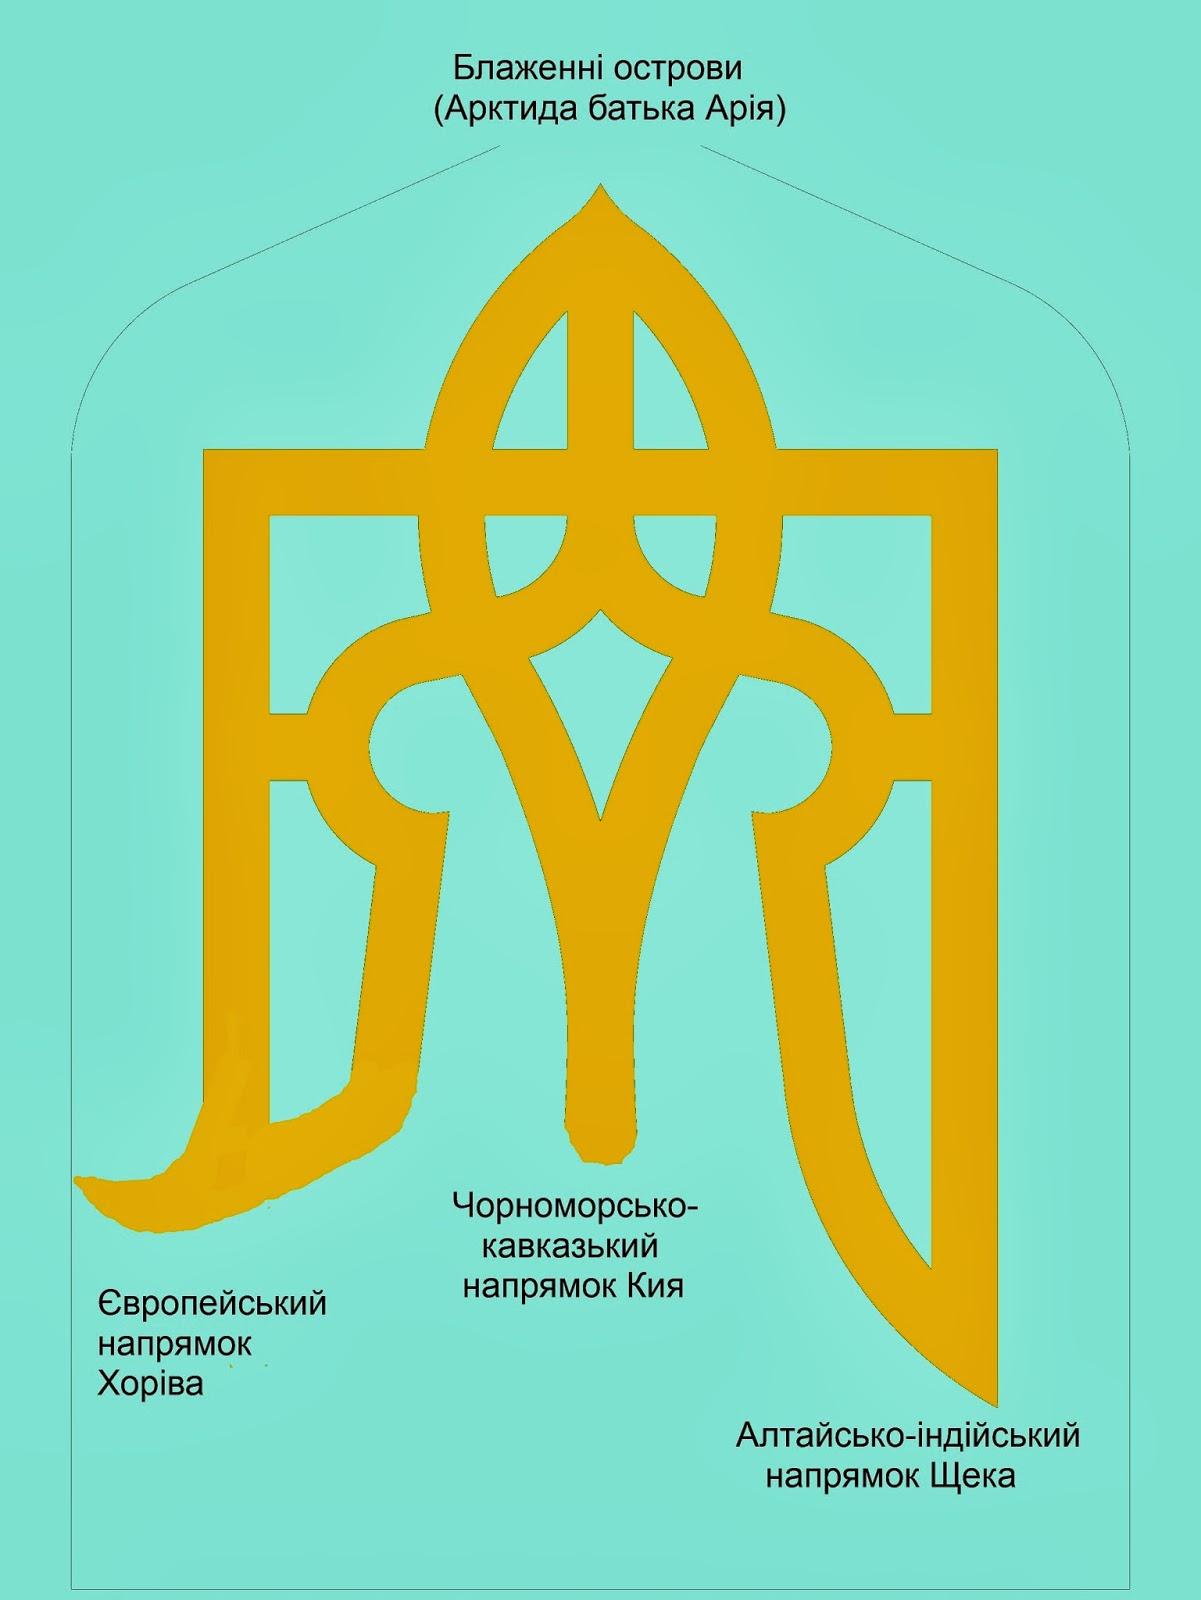 Перший вузелковий символ Свантани був подібний до цього зображення e7cac4a997c56